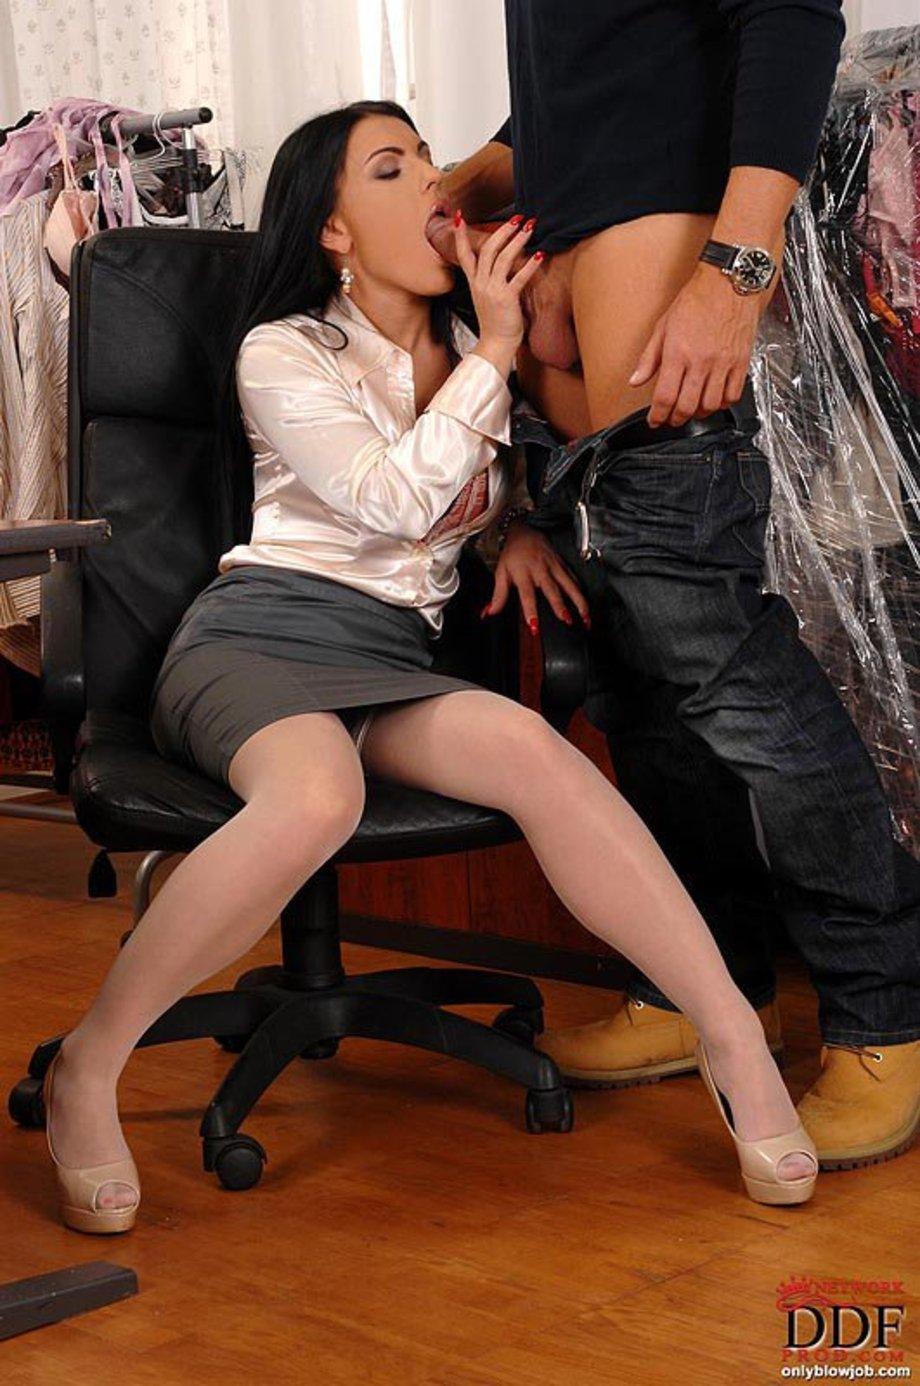 Порно видео чулки и высокие каблуки, порно видео самые лучшие моменты